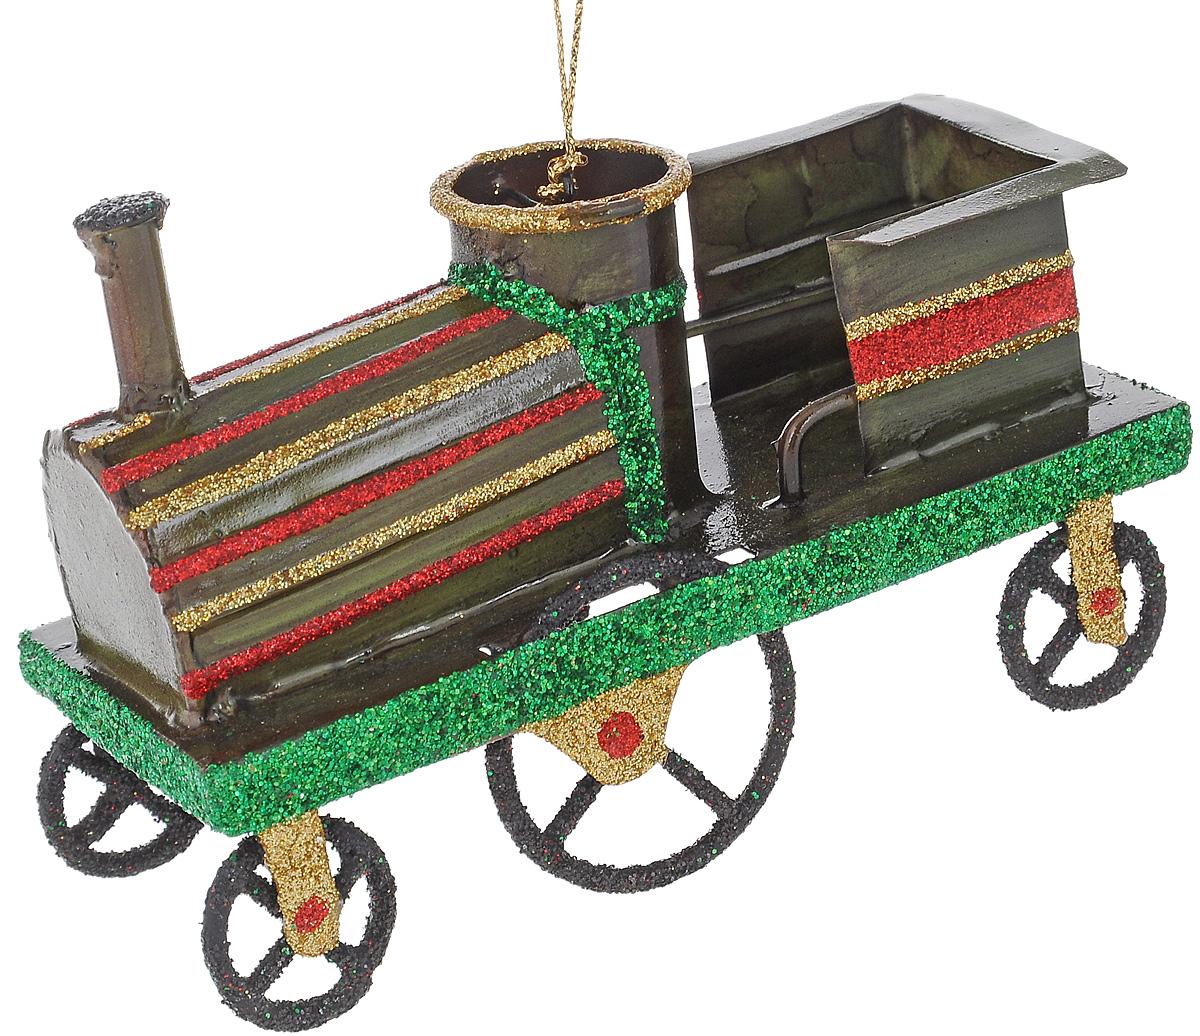 Украшение новогоднее подвесное Winter Wings Паровоз, высота 7,5 смBD 60-303Новогоднее подвесное украшение Winter Wings Паровоз выполнено из металла и украшено блестками. С помощью специальной петельки украшение можно повесить в любом понравившемся вам месте. Но, конечно, удачнее всего оно будет смотреться на праздничной елке.Елочная игрушка - символ Нового года. Она несет в себе волшебство и красоту праздника. Создайте в своем доме атмосферу веселья и радости, украшая новогоднюю елку нарядными игрушками, которые будут из года в год накапливать теплоту воспоминаний. Откройте для себя удивительный мир сказок и грез. Почувствуйте волшебные минуты ожидания праздника, создайте новогоднее настроение вашим дорогим и близким. Размер украшения: 5 х 11,5 х 7,5 см.